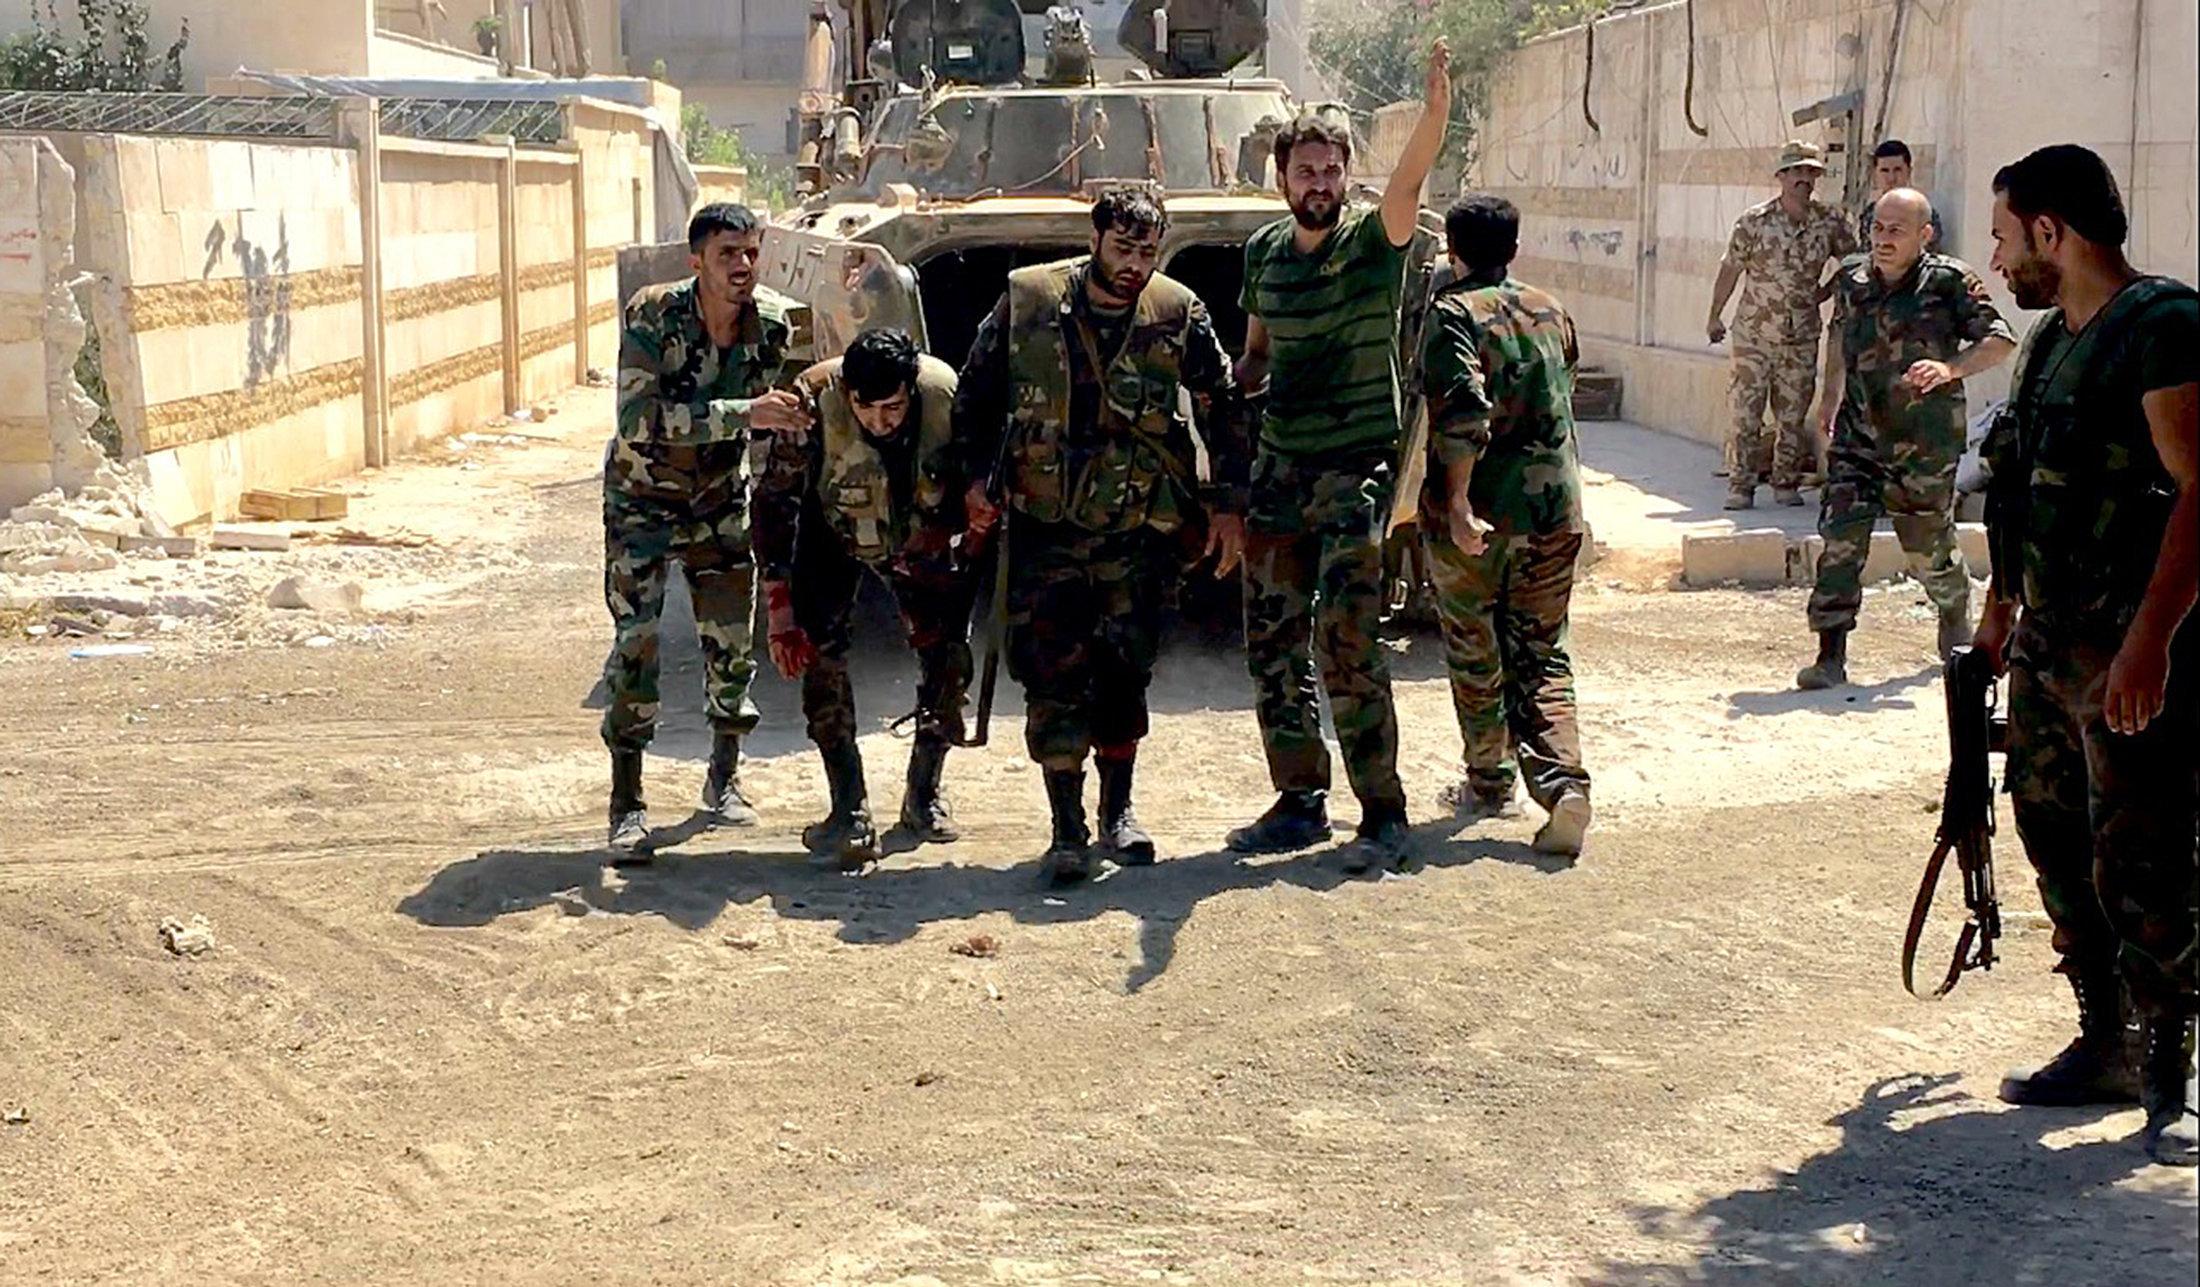 სირიის არმიის მებრძოლებს შეტევისას დაჭრილი თანამებრძოლი სამშვიდობოს გაჰყავთ